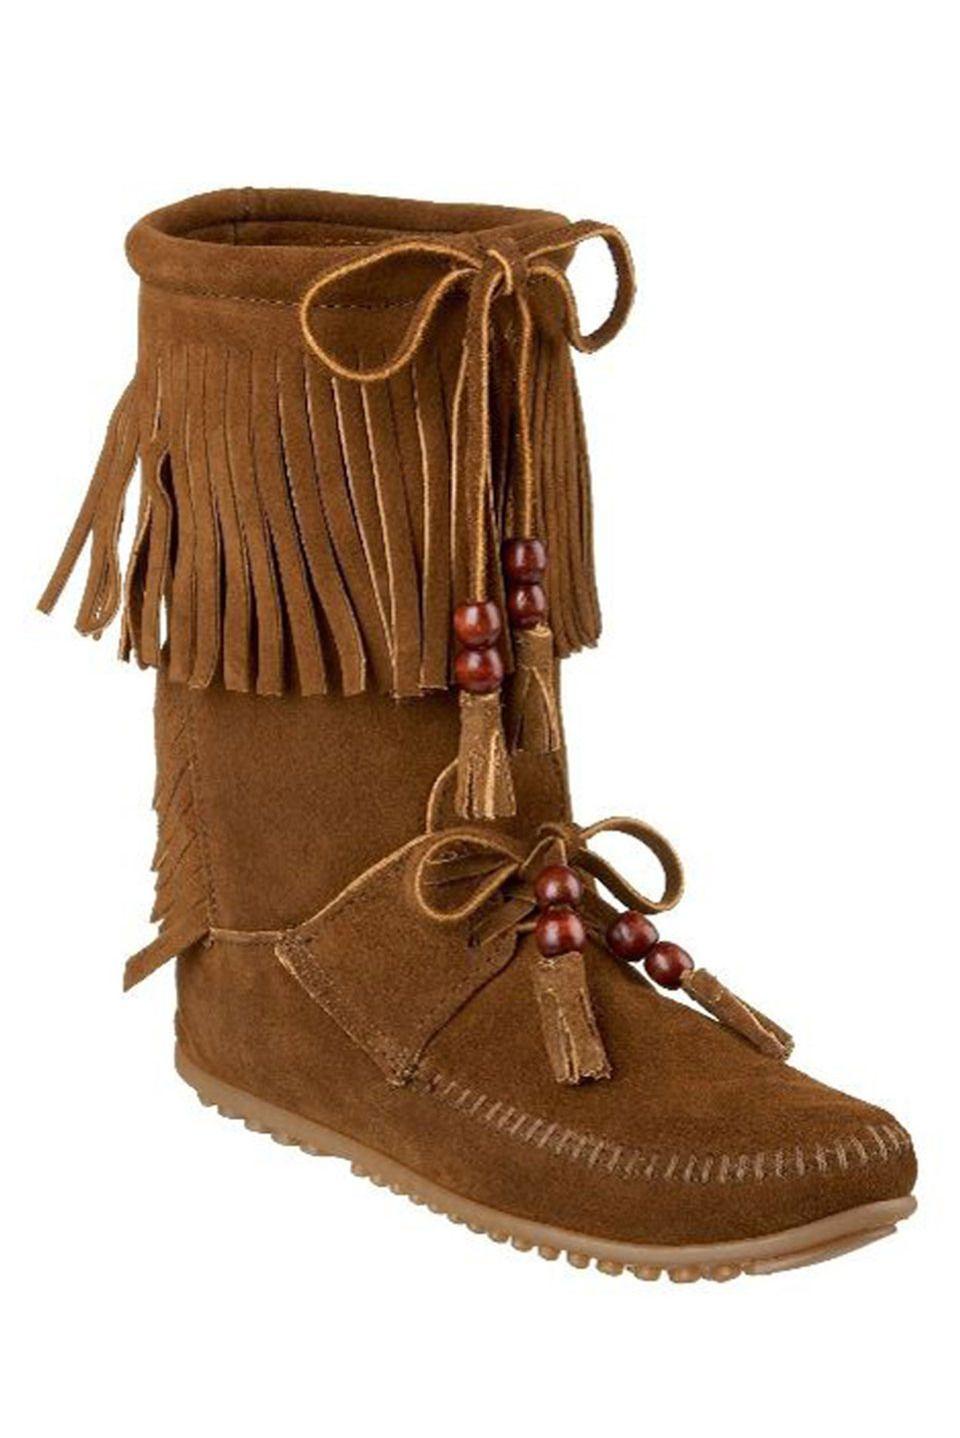 9487c1d987c Minnetonka Woodstock Boot In Dusty Brown.